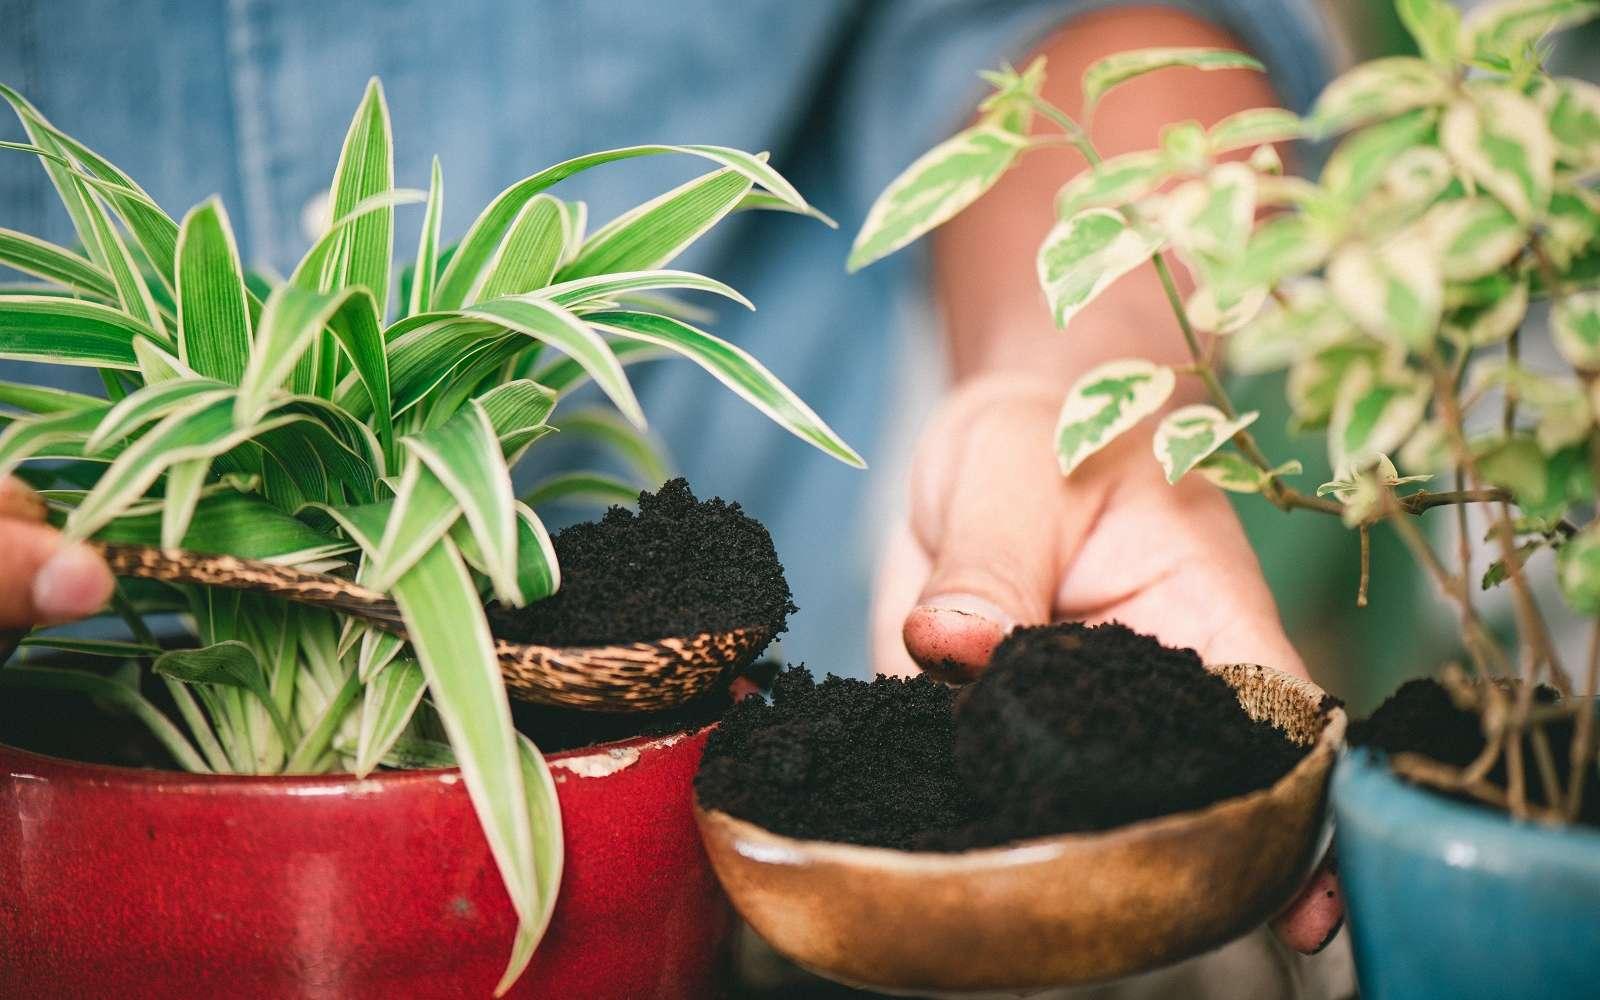 Avoir de belles plantes d'intérieur en apportant du marc de café. © NorGal, Adobe Stock